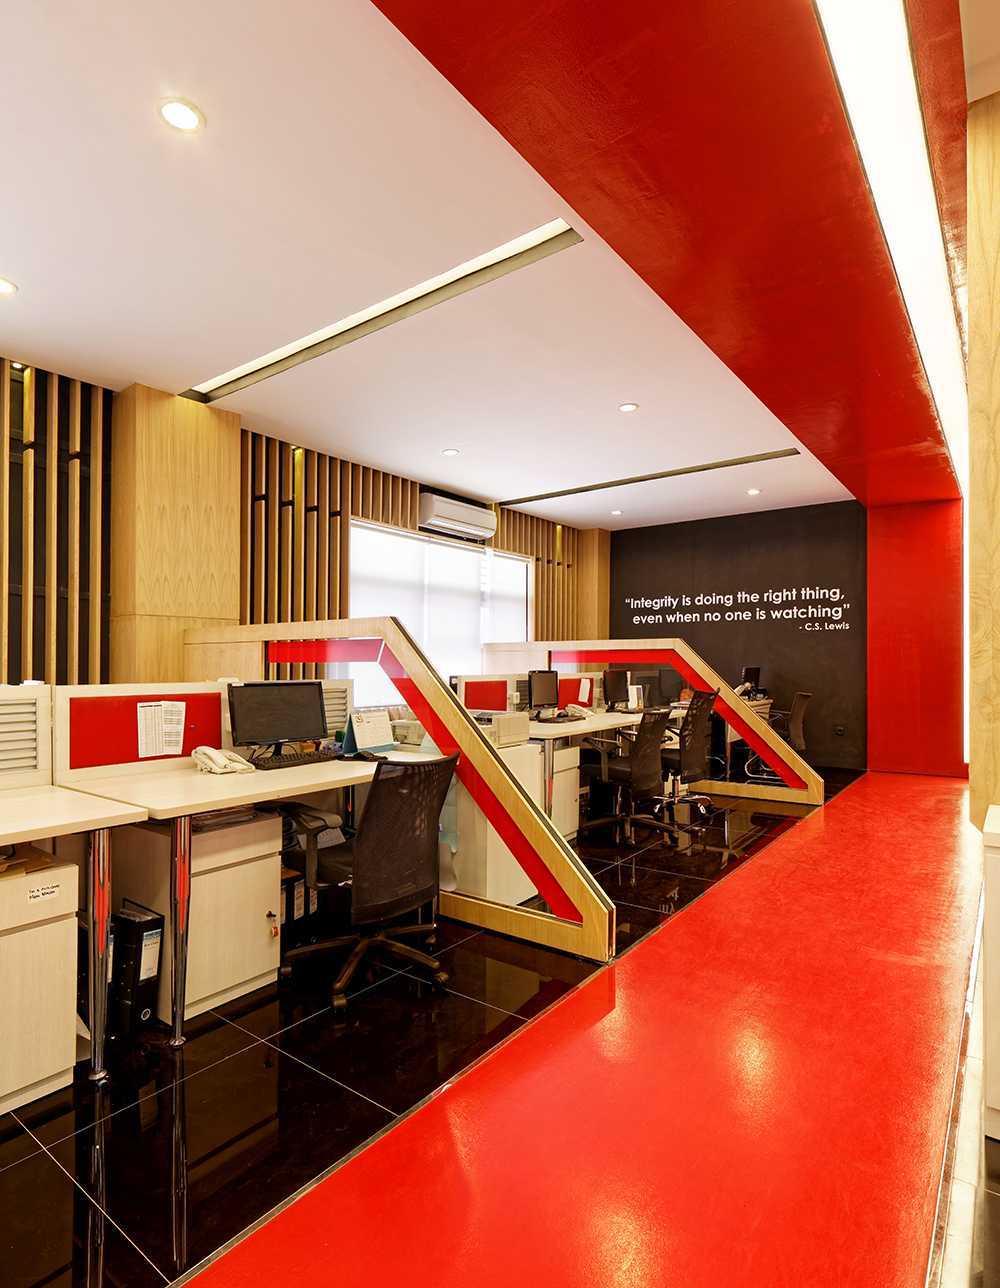 Foto inspirasi ide desain ruang kerja minimalis Staff-area oleh Delution Architect di Arsitag